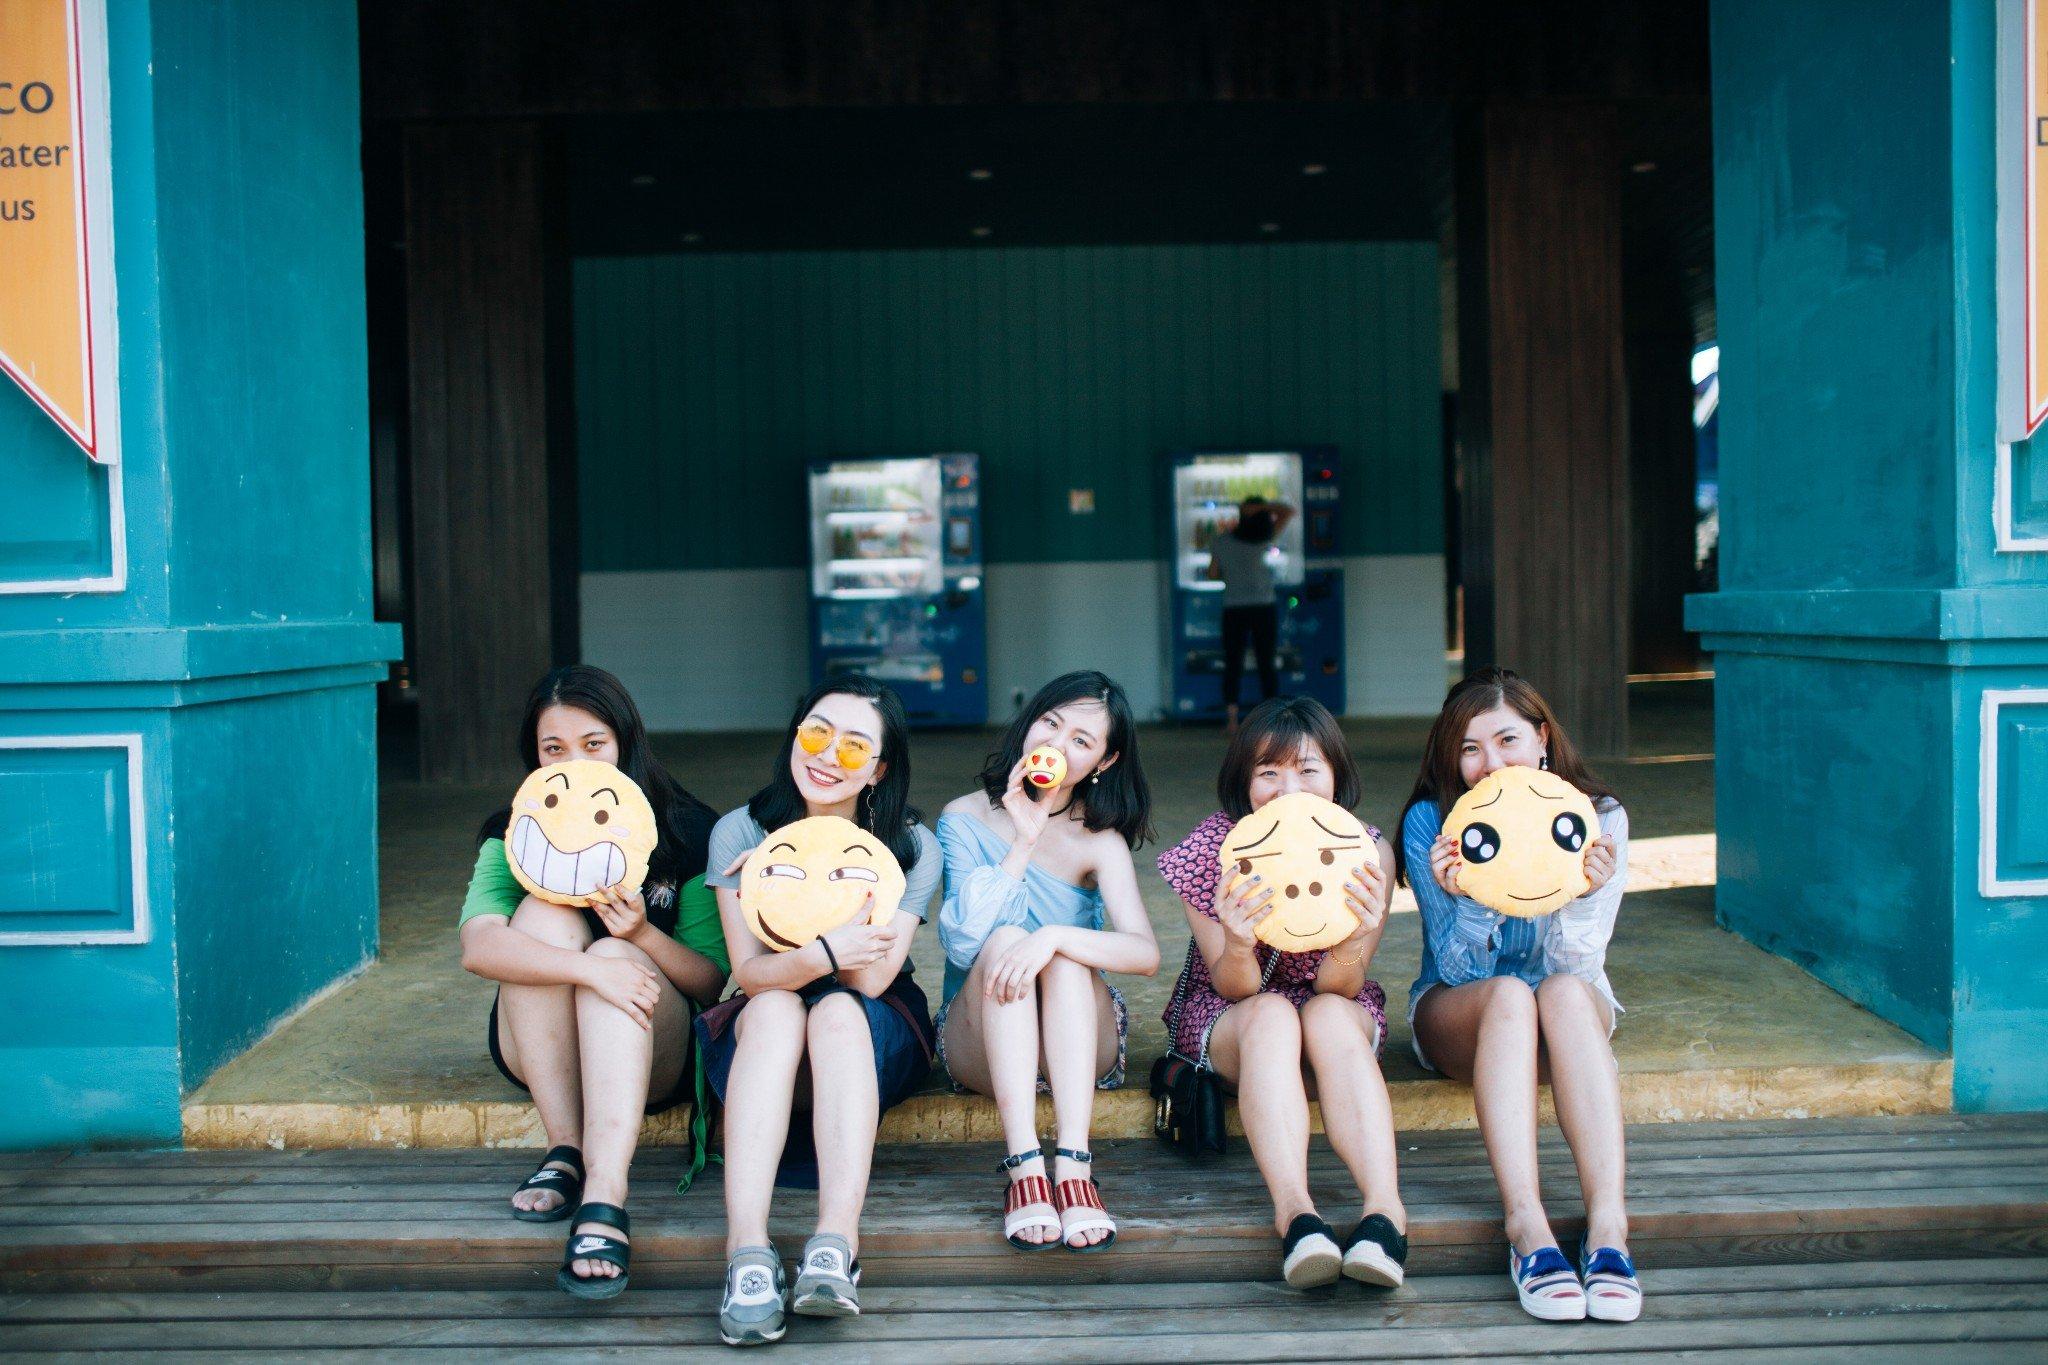 """【城记 柳州】一颗少女心,一个游乐场,玩转柳州""""卡乐星球欢乐世界"""""""